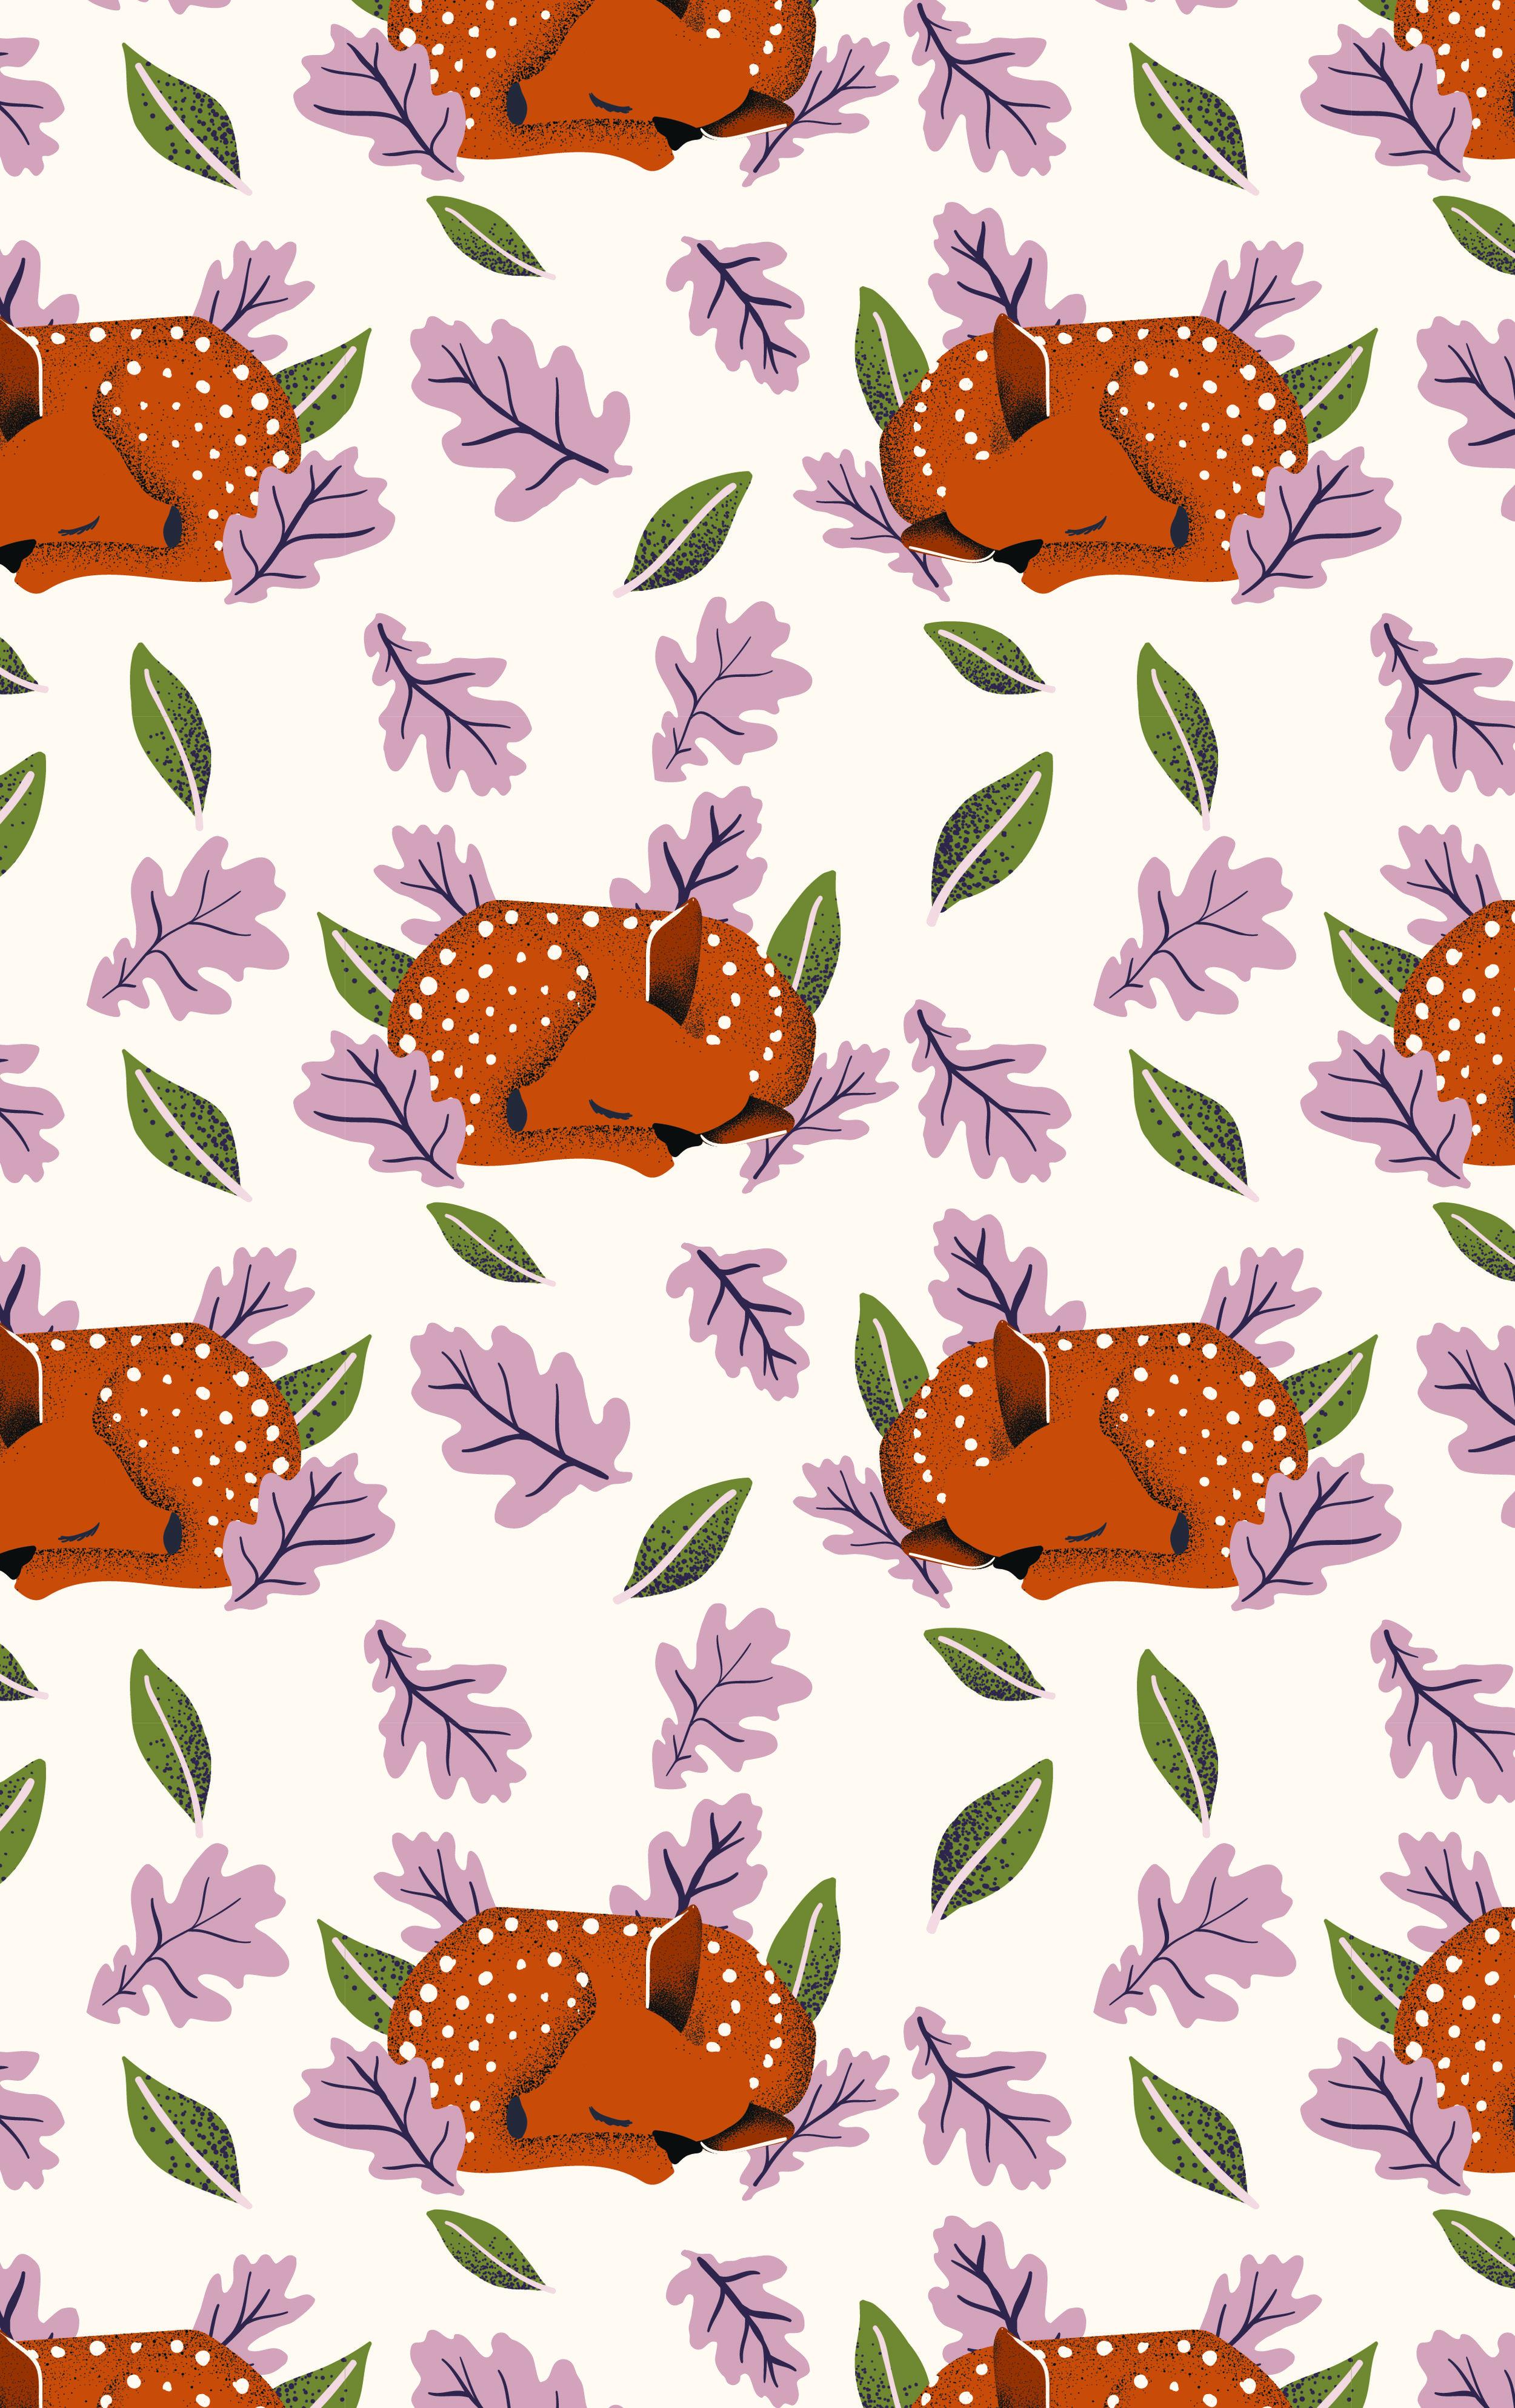 oh deer pattern leaves_ENDAST BAKGRUND pastel pink-01.jpg